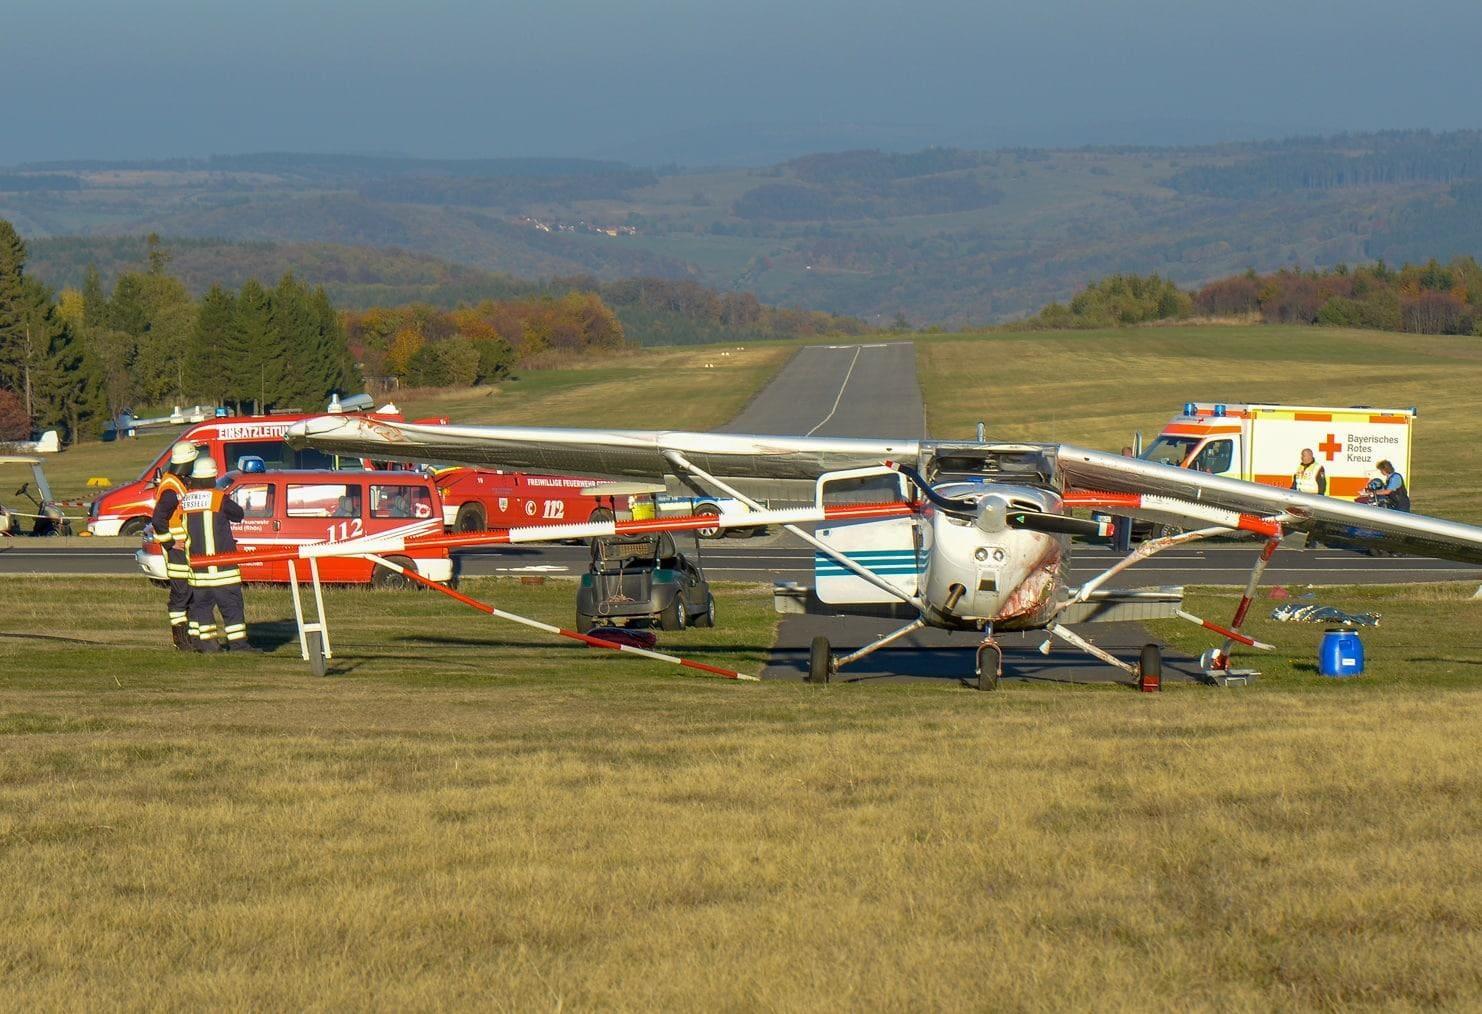 <p>Auch Stunden nach dem Unglück liegen die drei Leichen noch abgedeckt am Boden. Einige Meter weiter steht ein weißes Kleinflugzeug vom Typ Cessna auf einer Wiese. Es ist vorne links verbeult